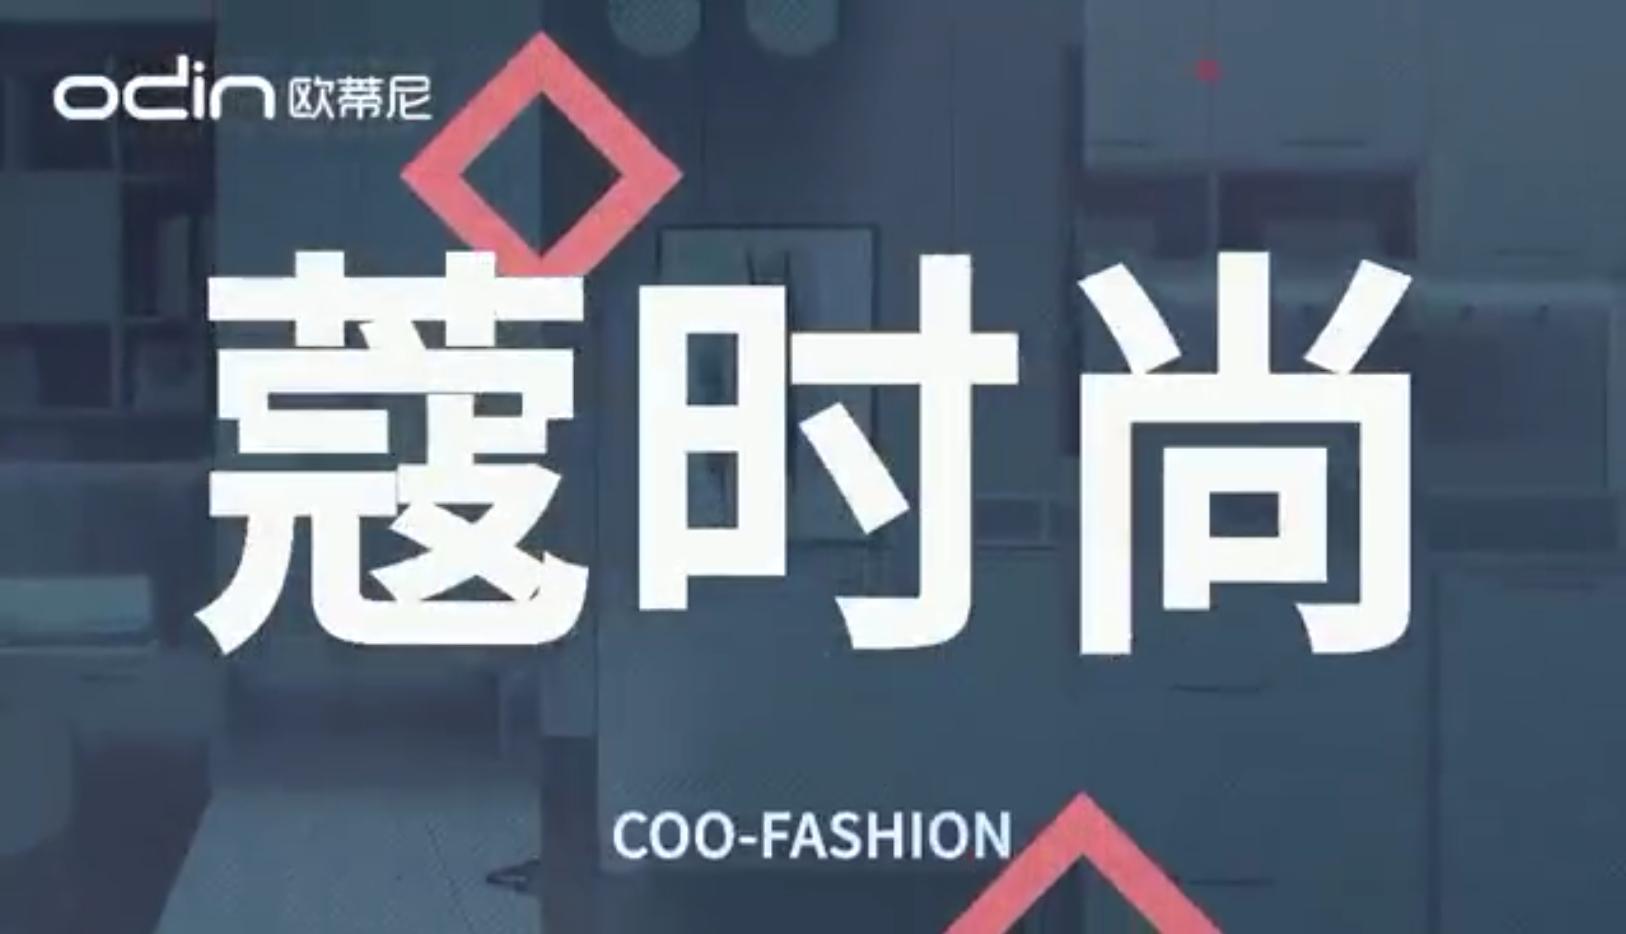 """欧蒂尼全屋定制""""蔻时尚""""新品上市视频"""